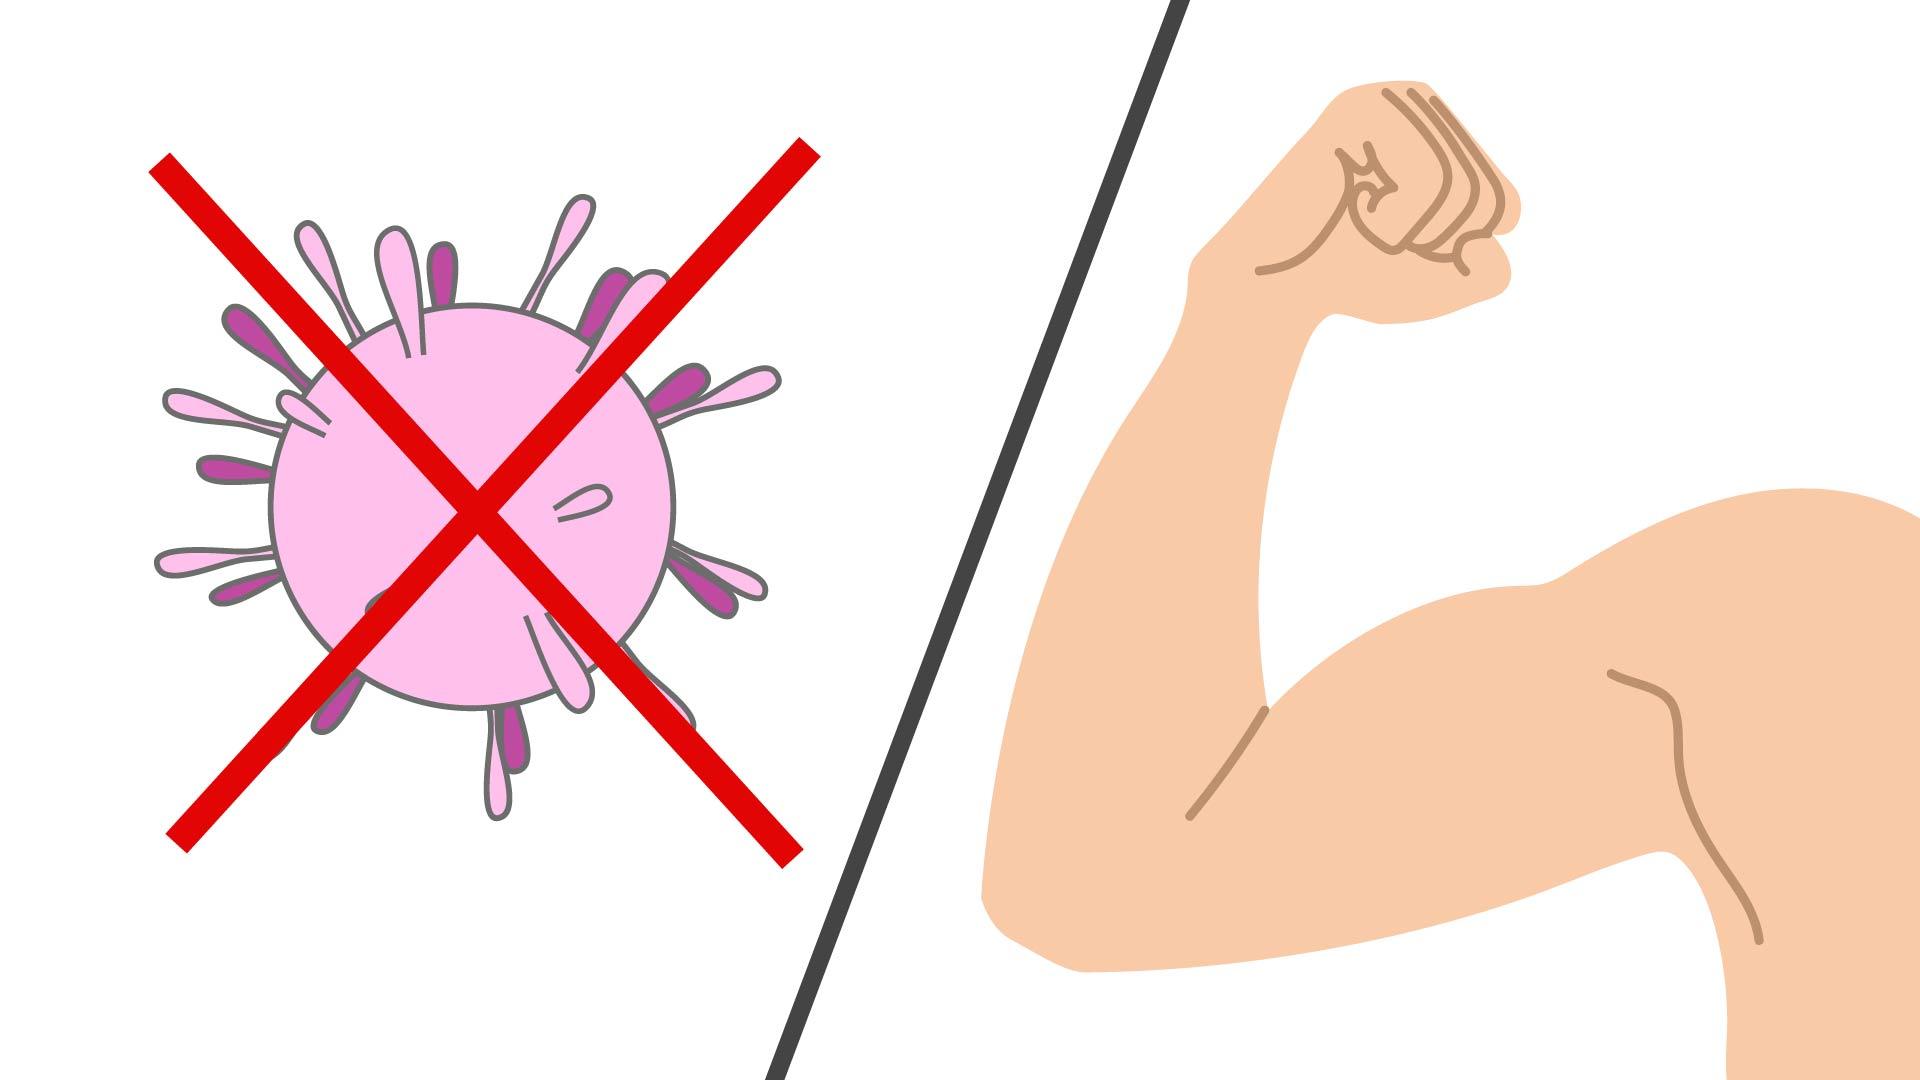 Kampf gegen Corona: 5 Tipps, wie Sie Ihr Immunsystem stärken